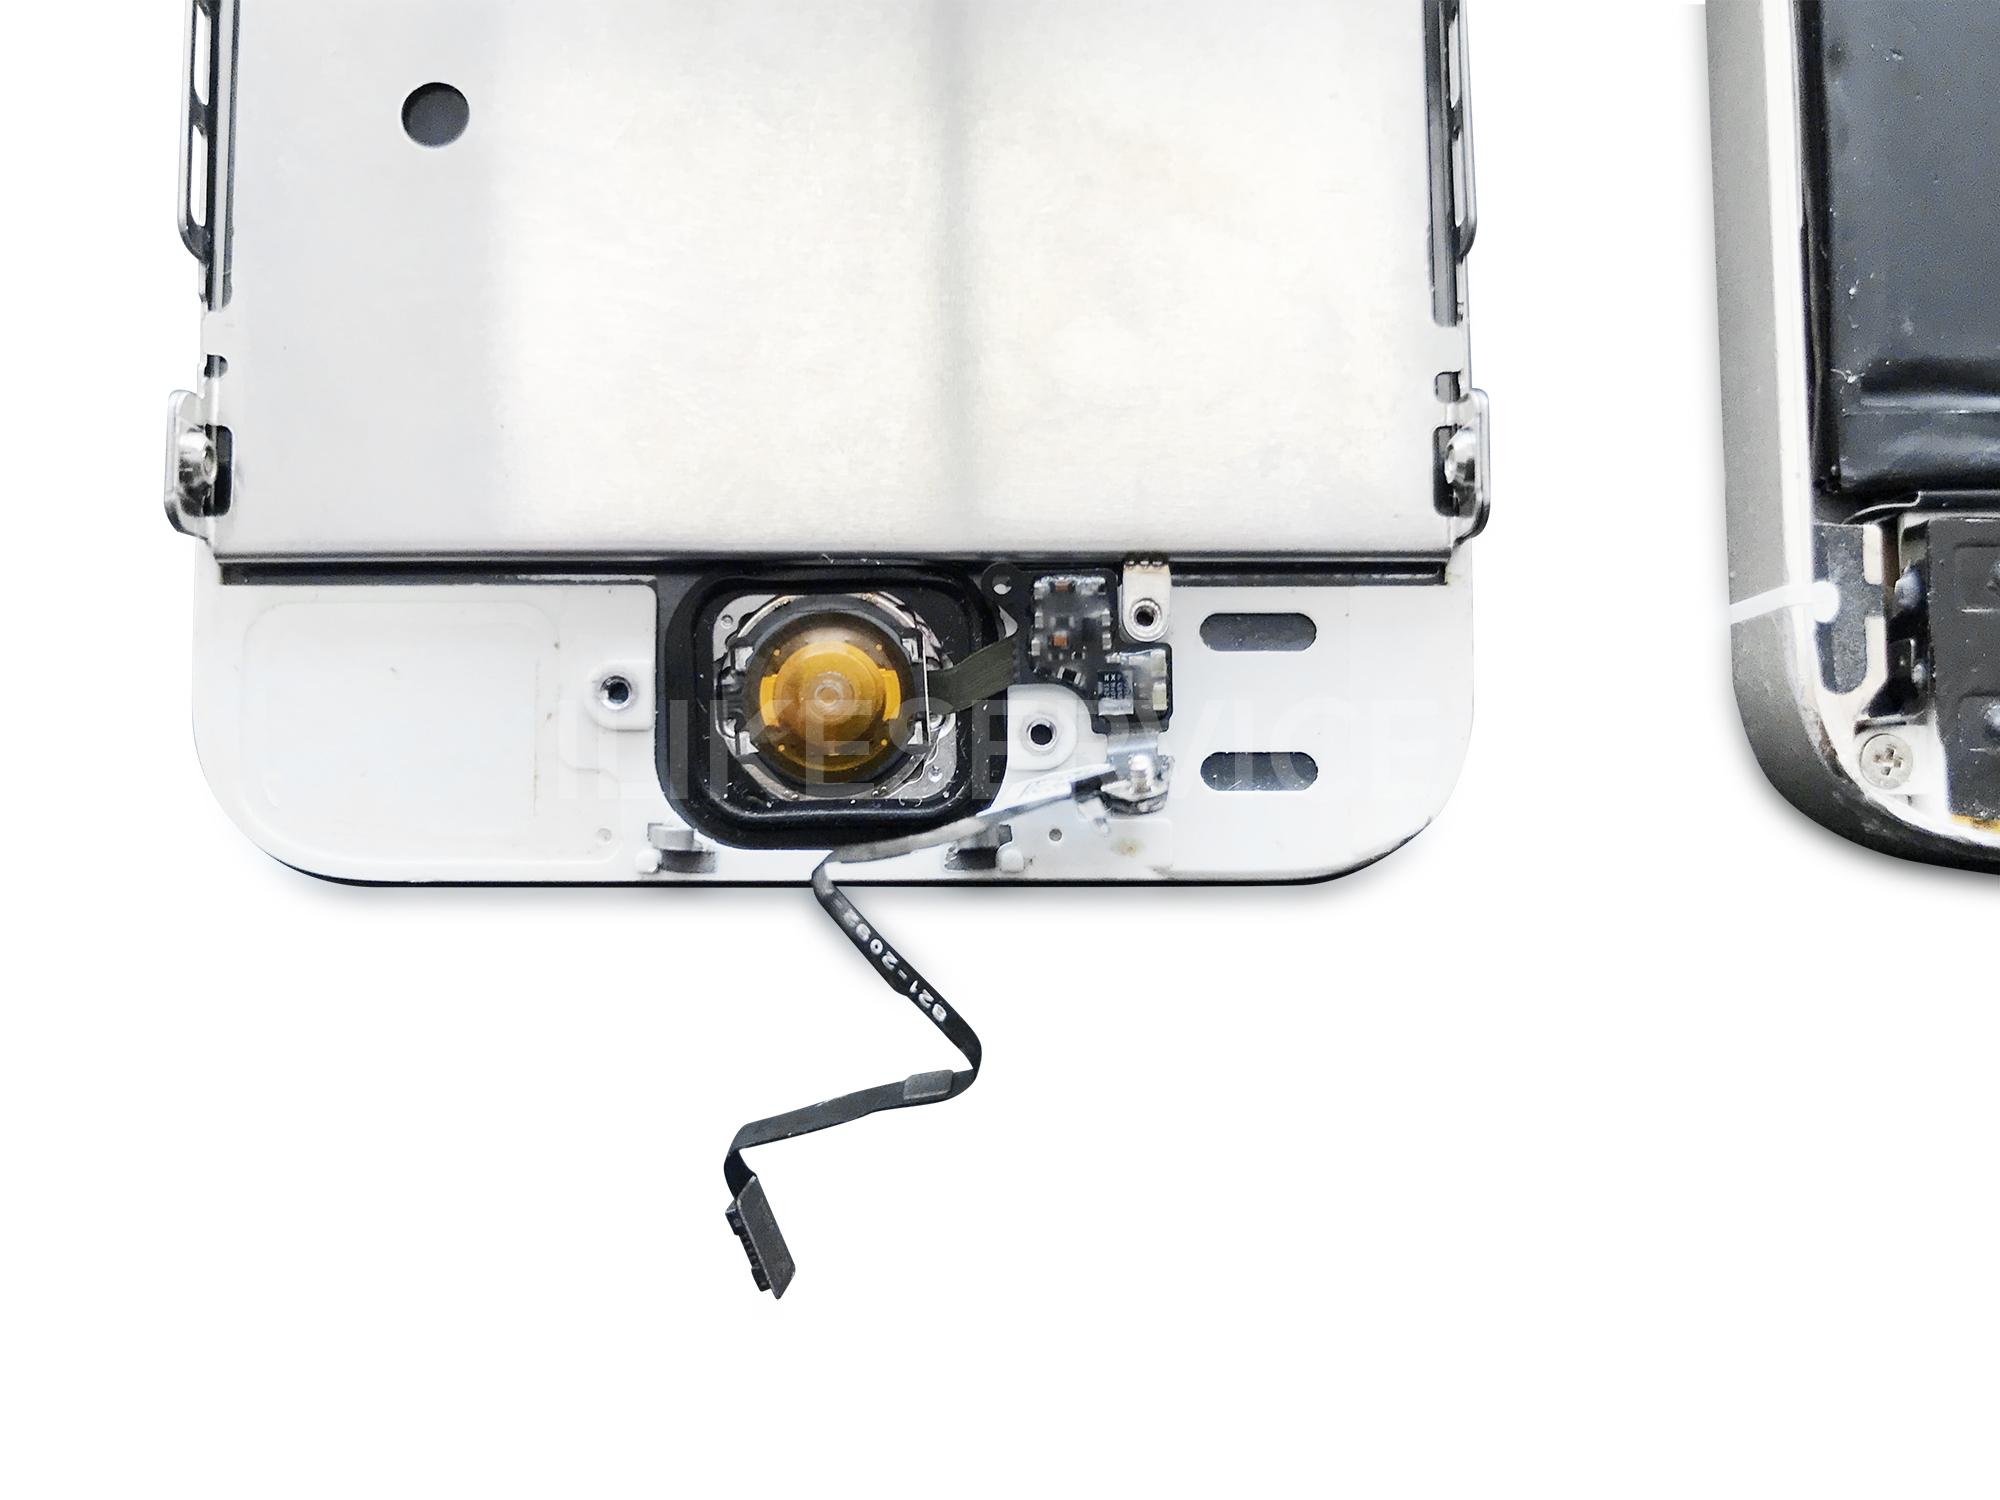 замена кнопки home iphone 5s фото